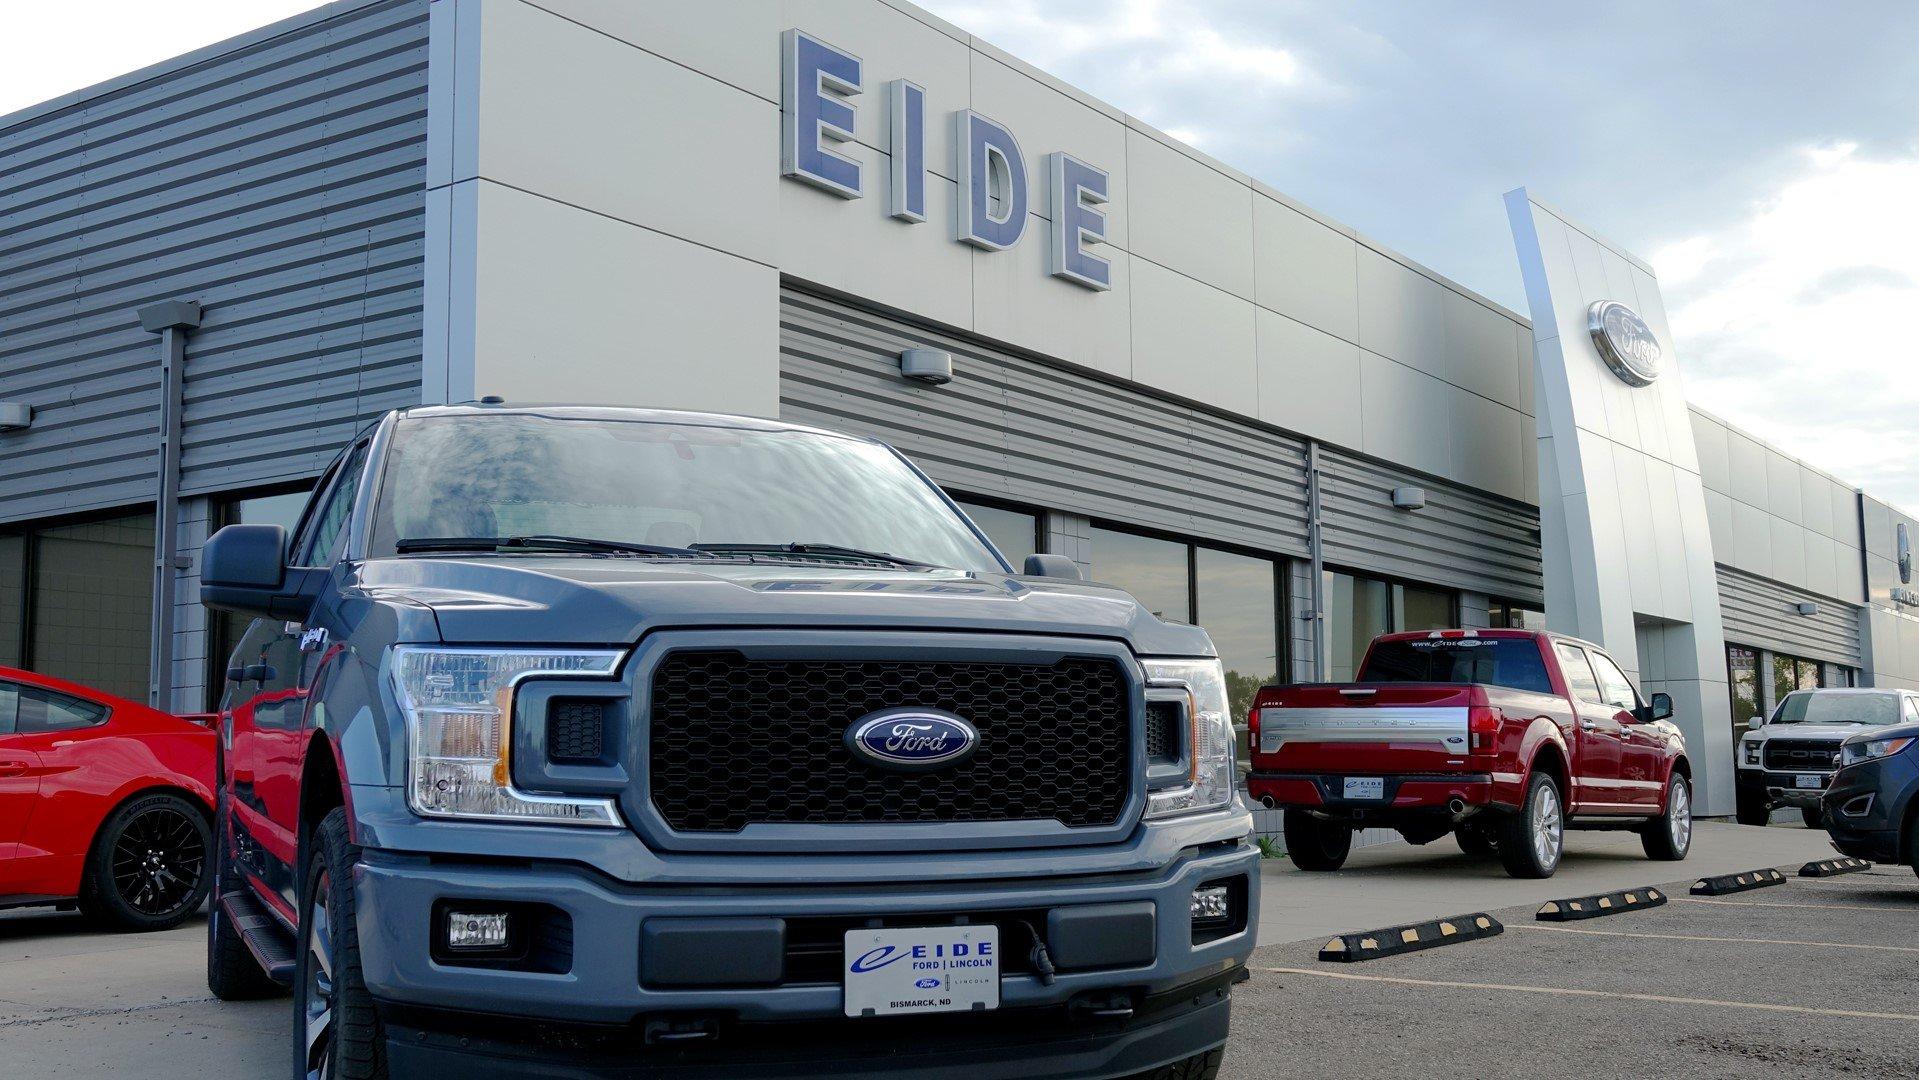 Eide Ford Lincoln dealership in Bismarck